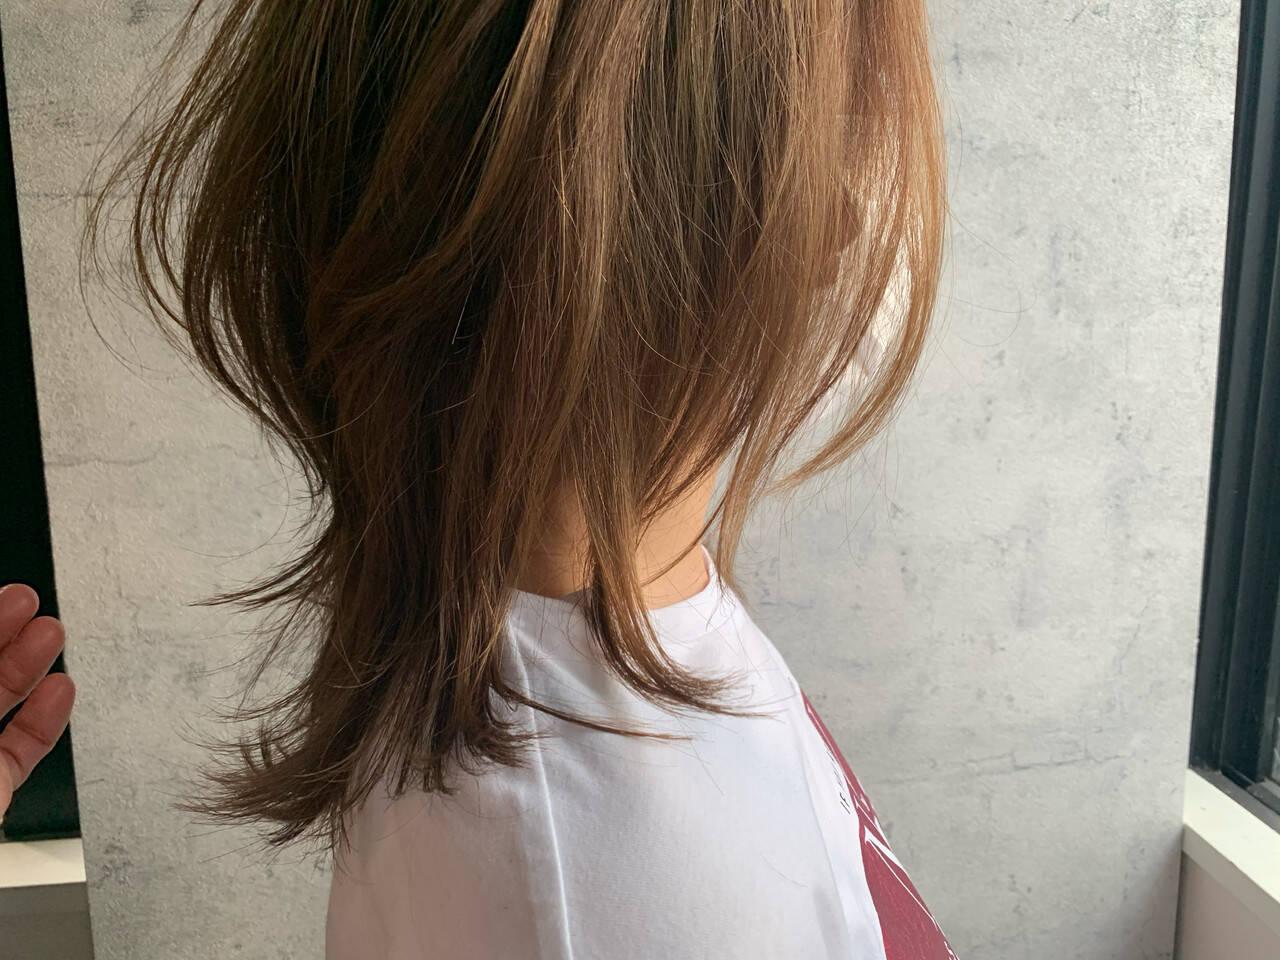 ミディアム ウルフカット ナチュラル ニュアンスウルフヘアスタイルや髪型の写真・画像